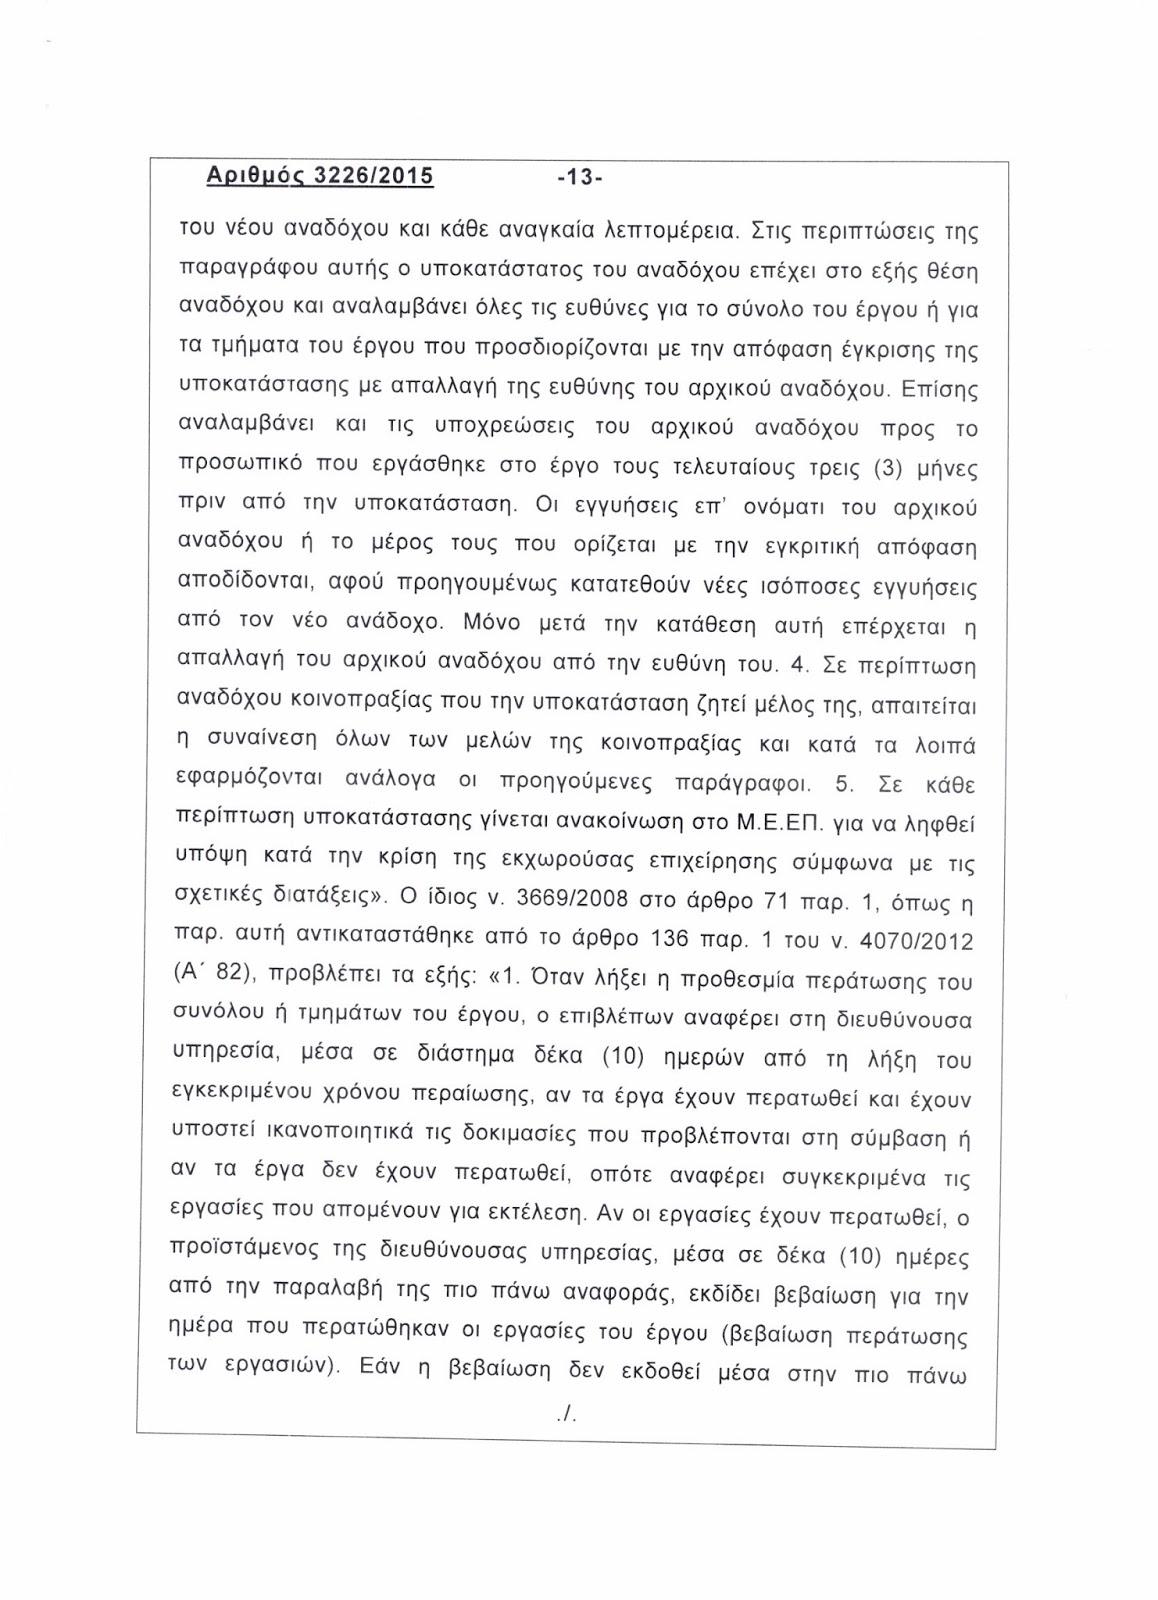 Ὁλόκληρη ἡ ἀπόφασις τοῦ ΣτΕ γιὰ τὸν Γιαννακόπουλο13.